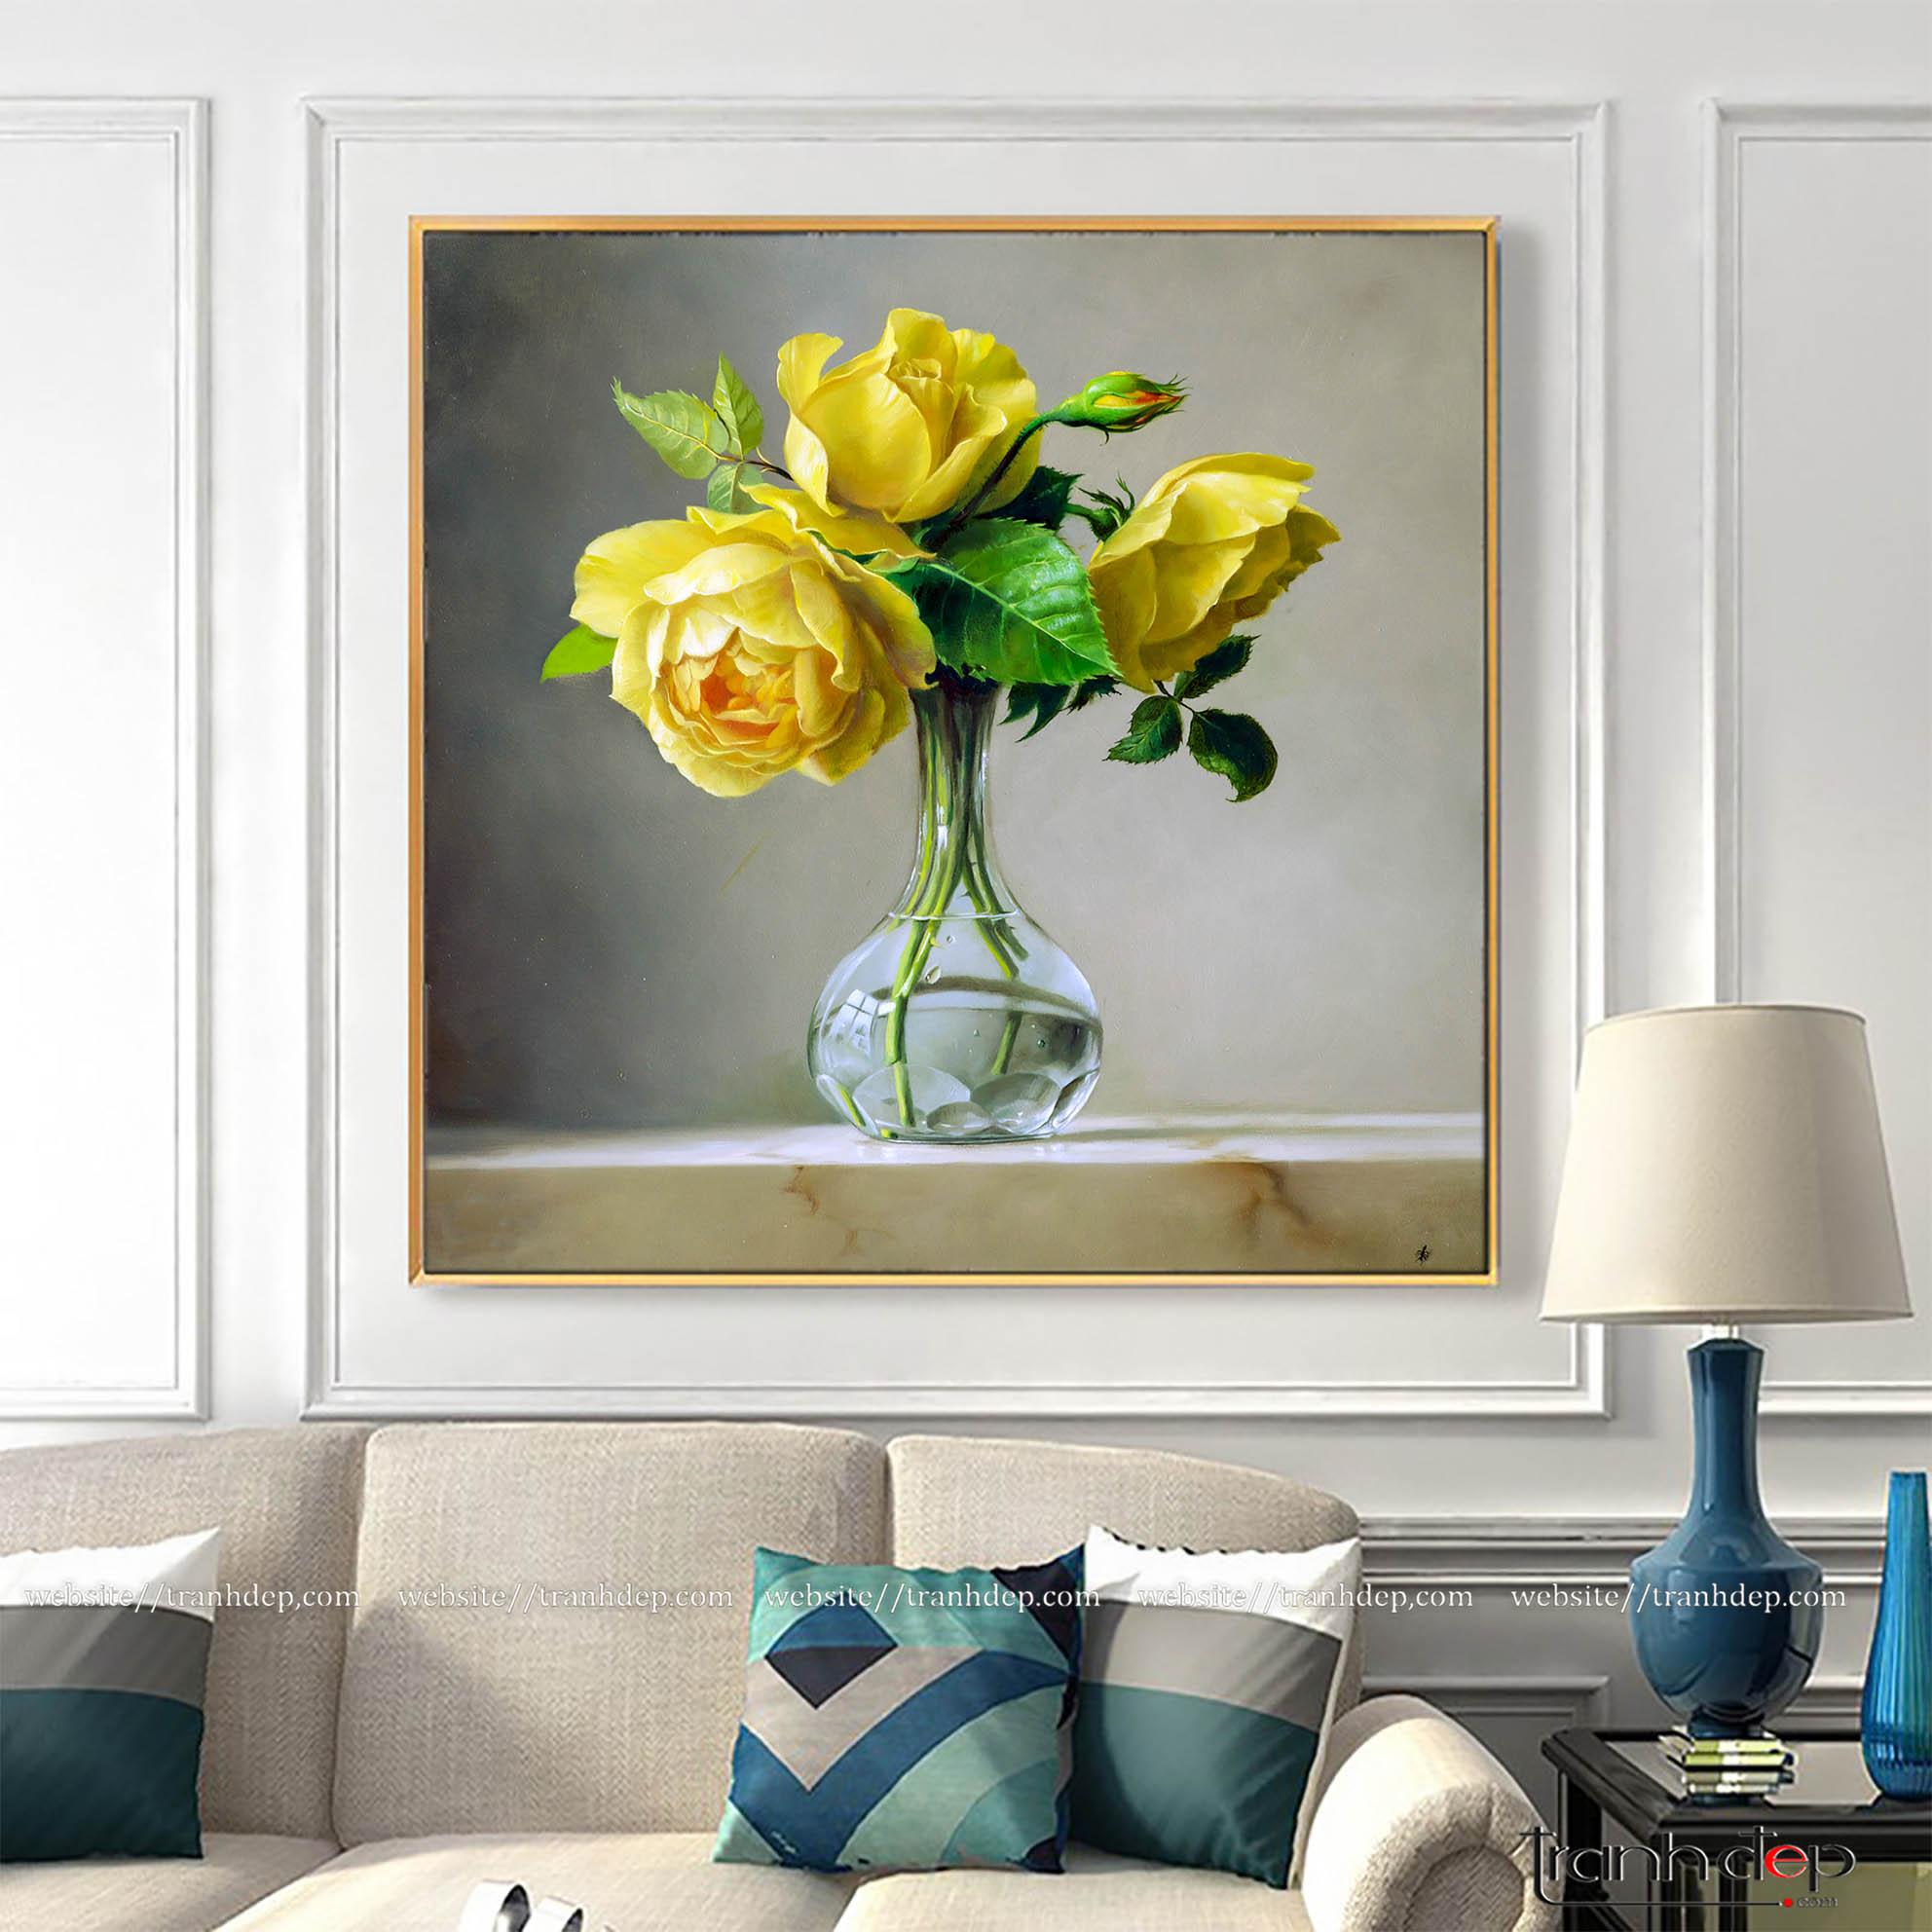 Tranh hoa hồng vàng trang trí không gian phòng khácg